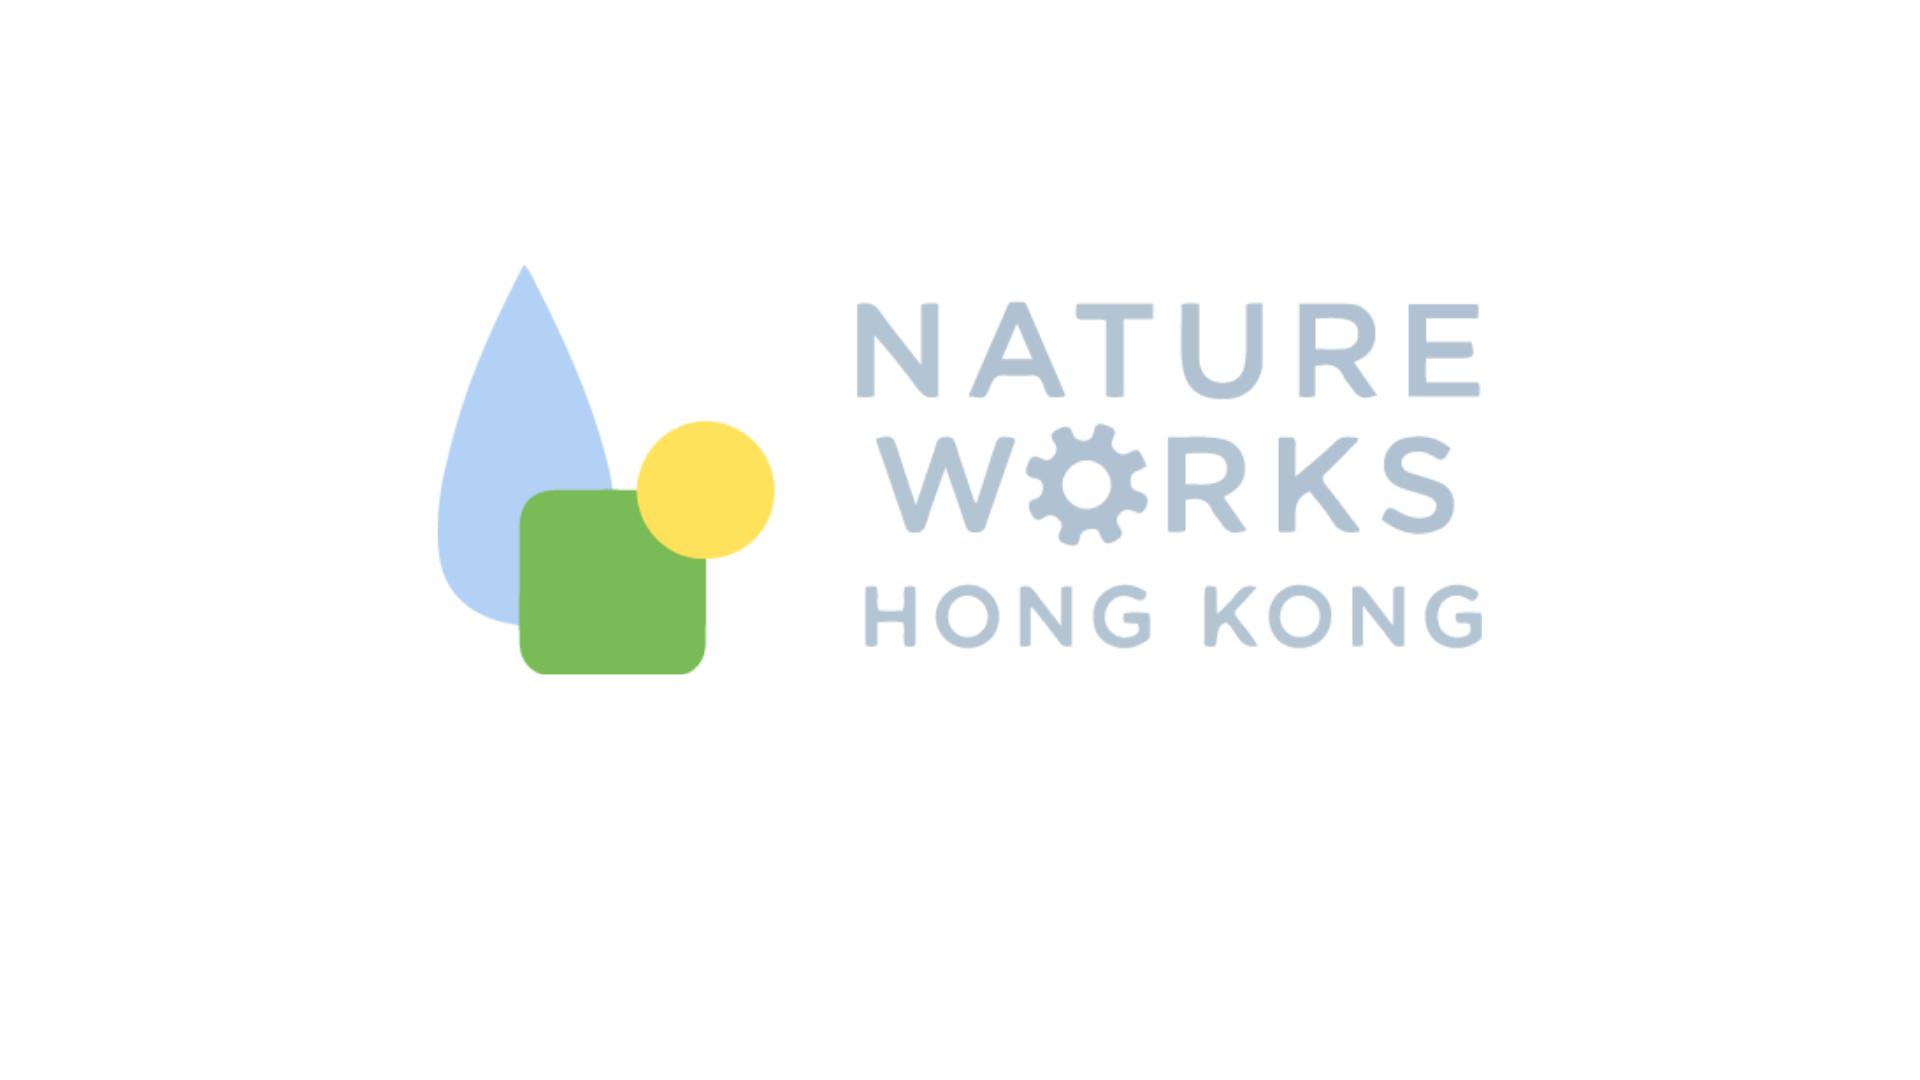 Nature Works Hong Kong